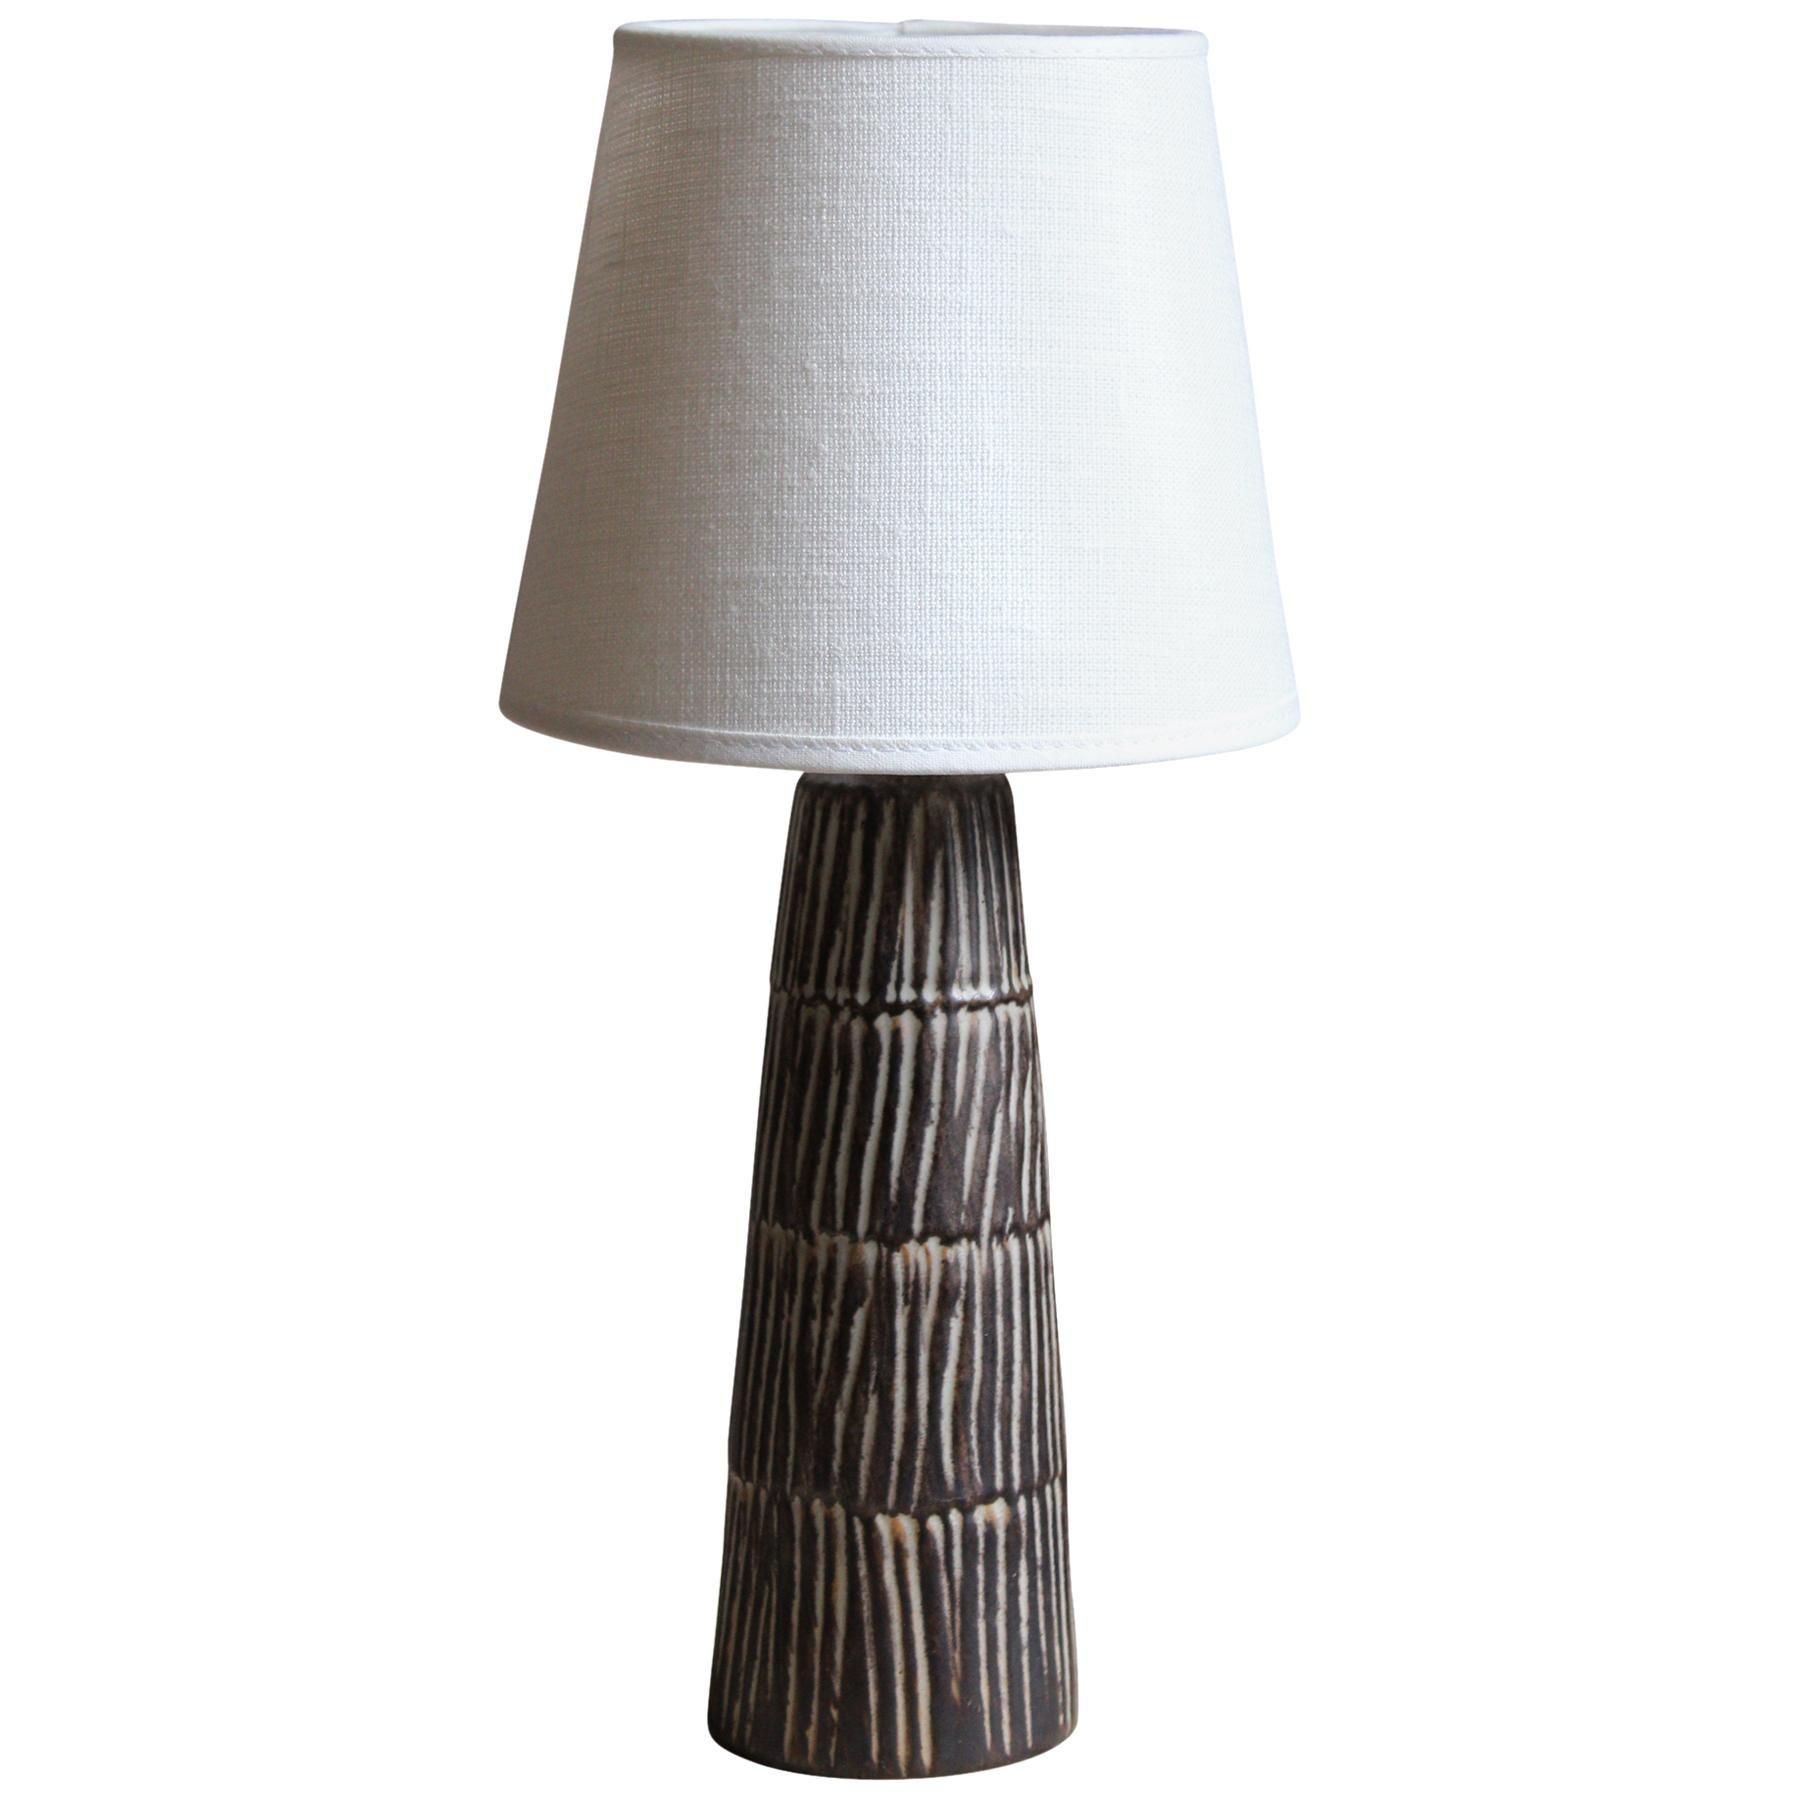 Jette Hellerøe, Small Table Lamp Glazed Stoneware, Denmark, 1950s